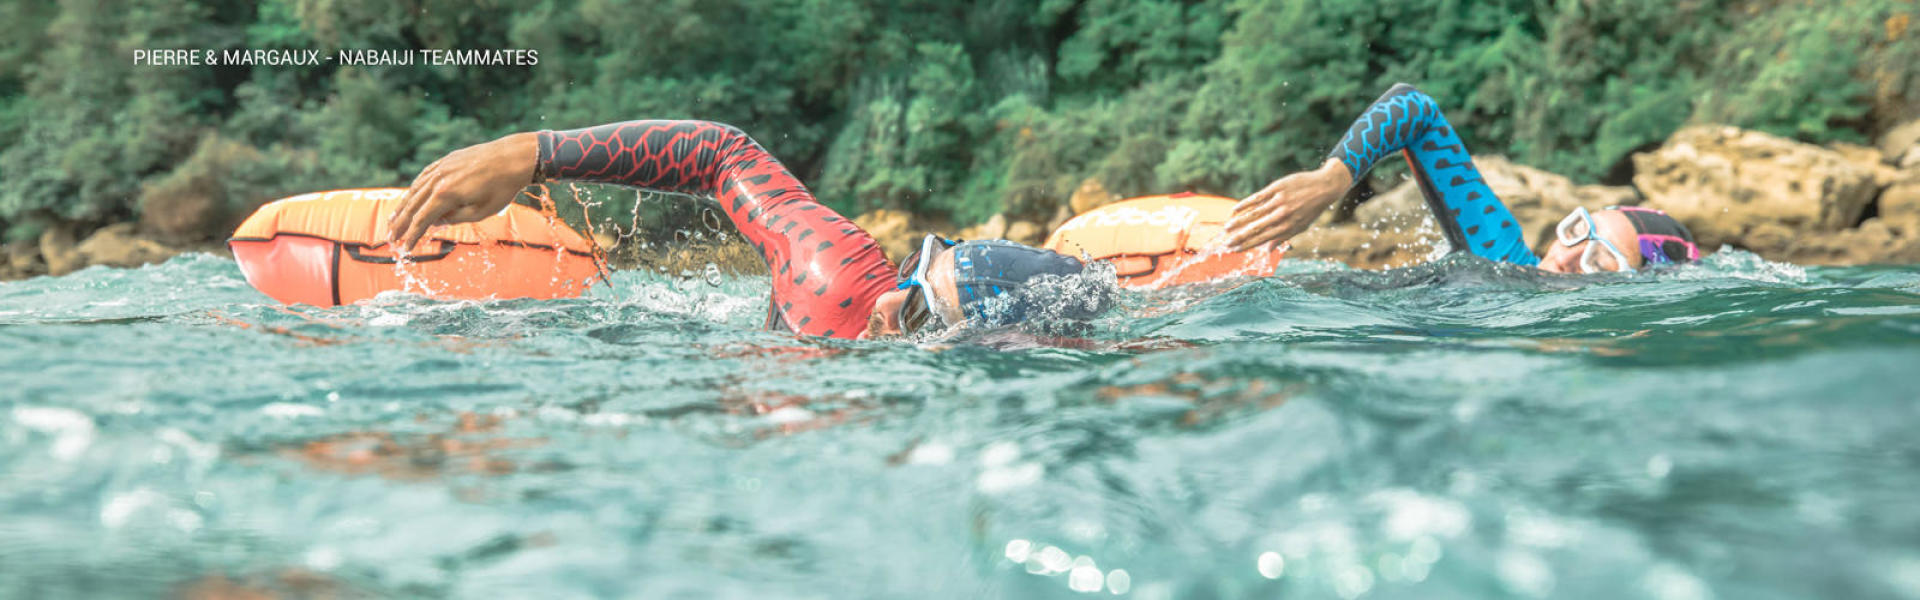 Nageurs en natation eau libre mer